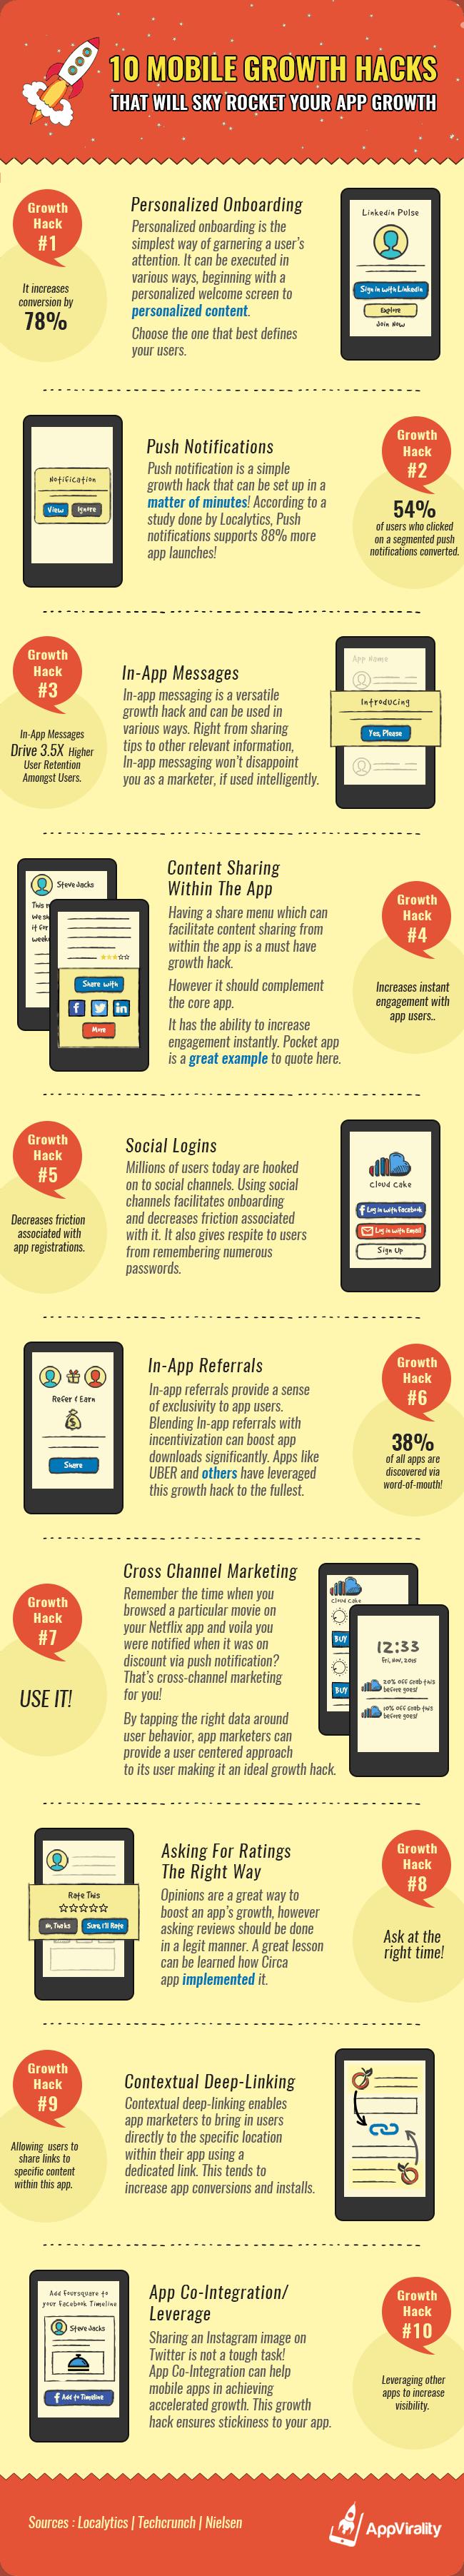 App Tipps für mobiles Wachstum Infografik